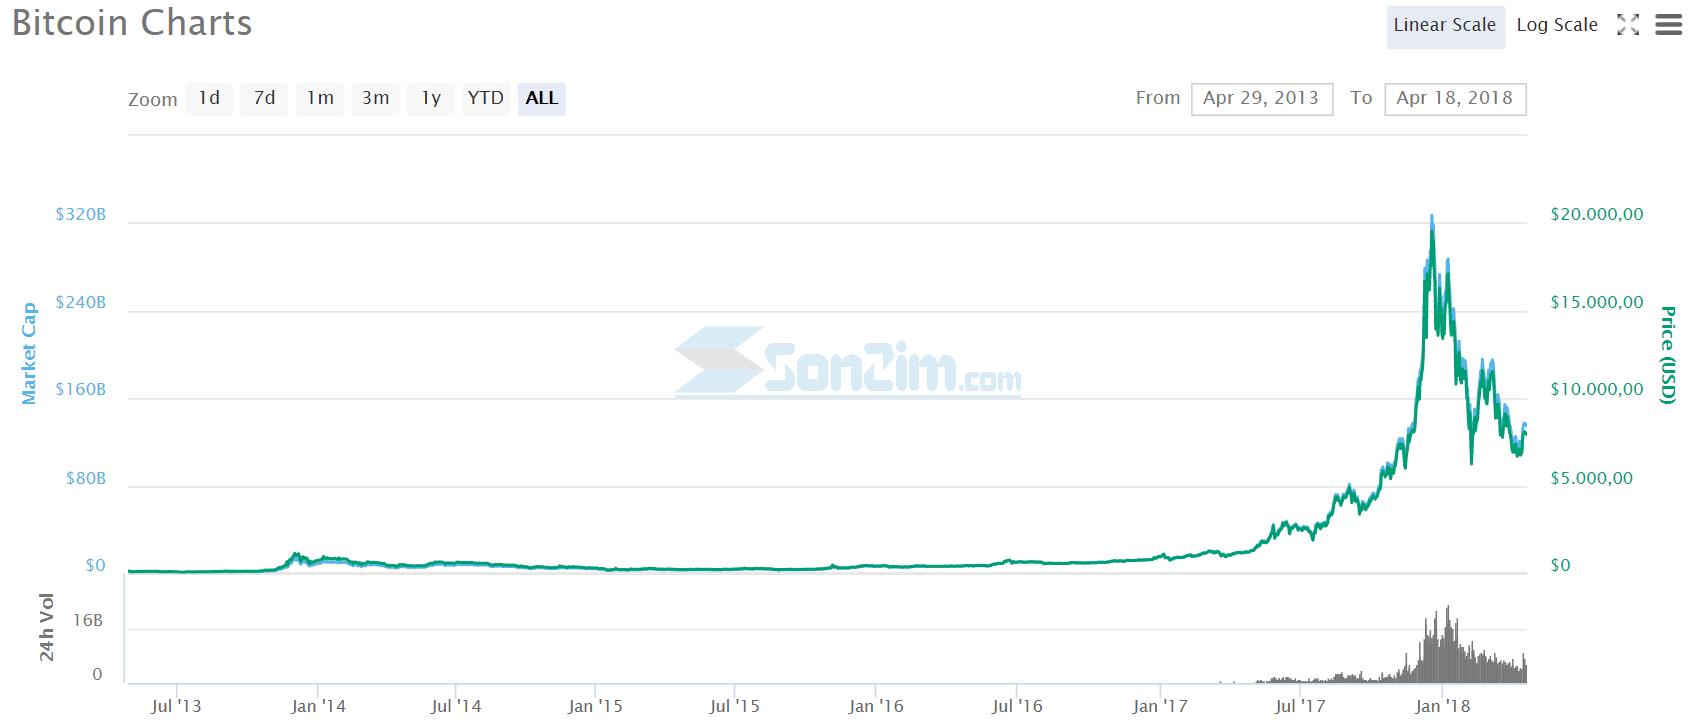 Biểu đồ giá Bitcoin từ năm 2013 đến hôm nay 18/4/2018